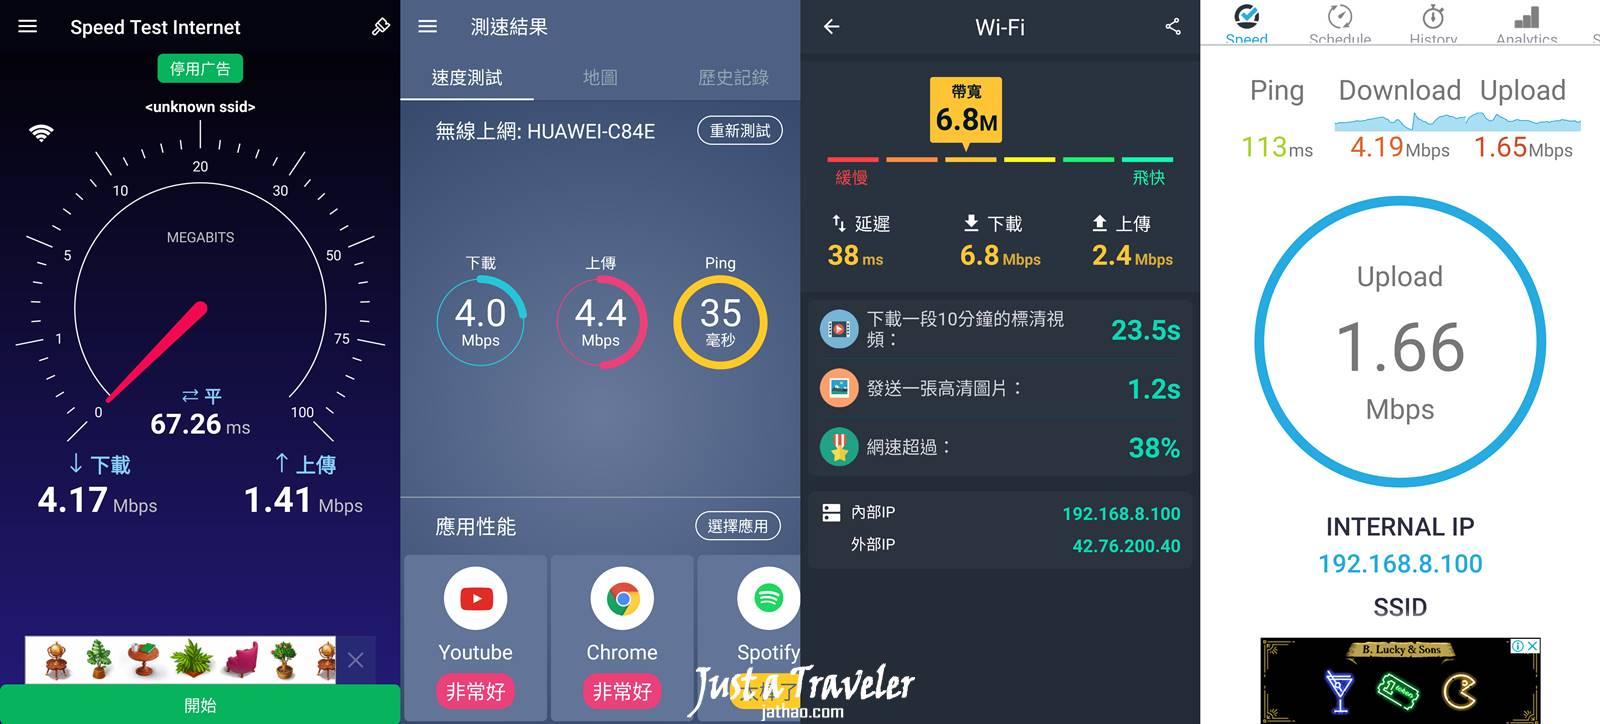 台灣-WiFi機-網速-WiFi分享器-推薦-台灣租借WiFi-台灣4G吃到飽WiFi機-隨身WiFi-CP值-便宜WiFi機-4G上網-網路